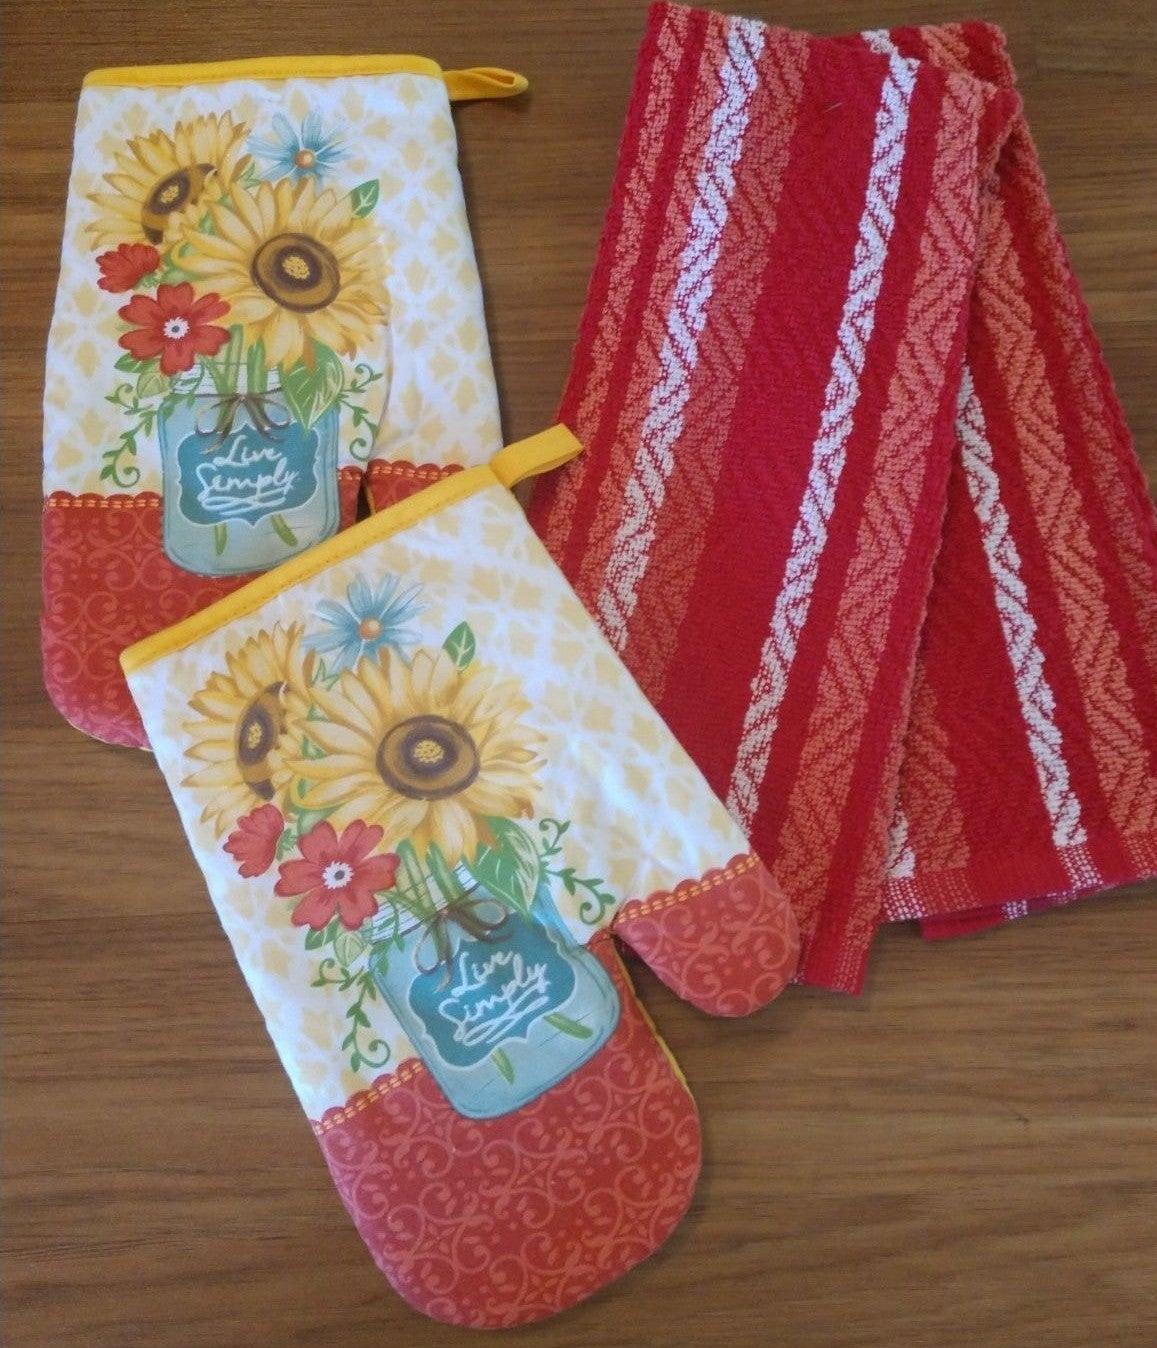 Quality Farmhouse Kitchen Towel Set